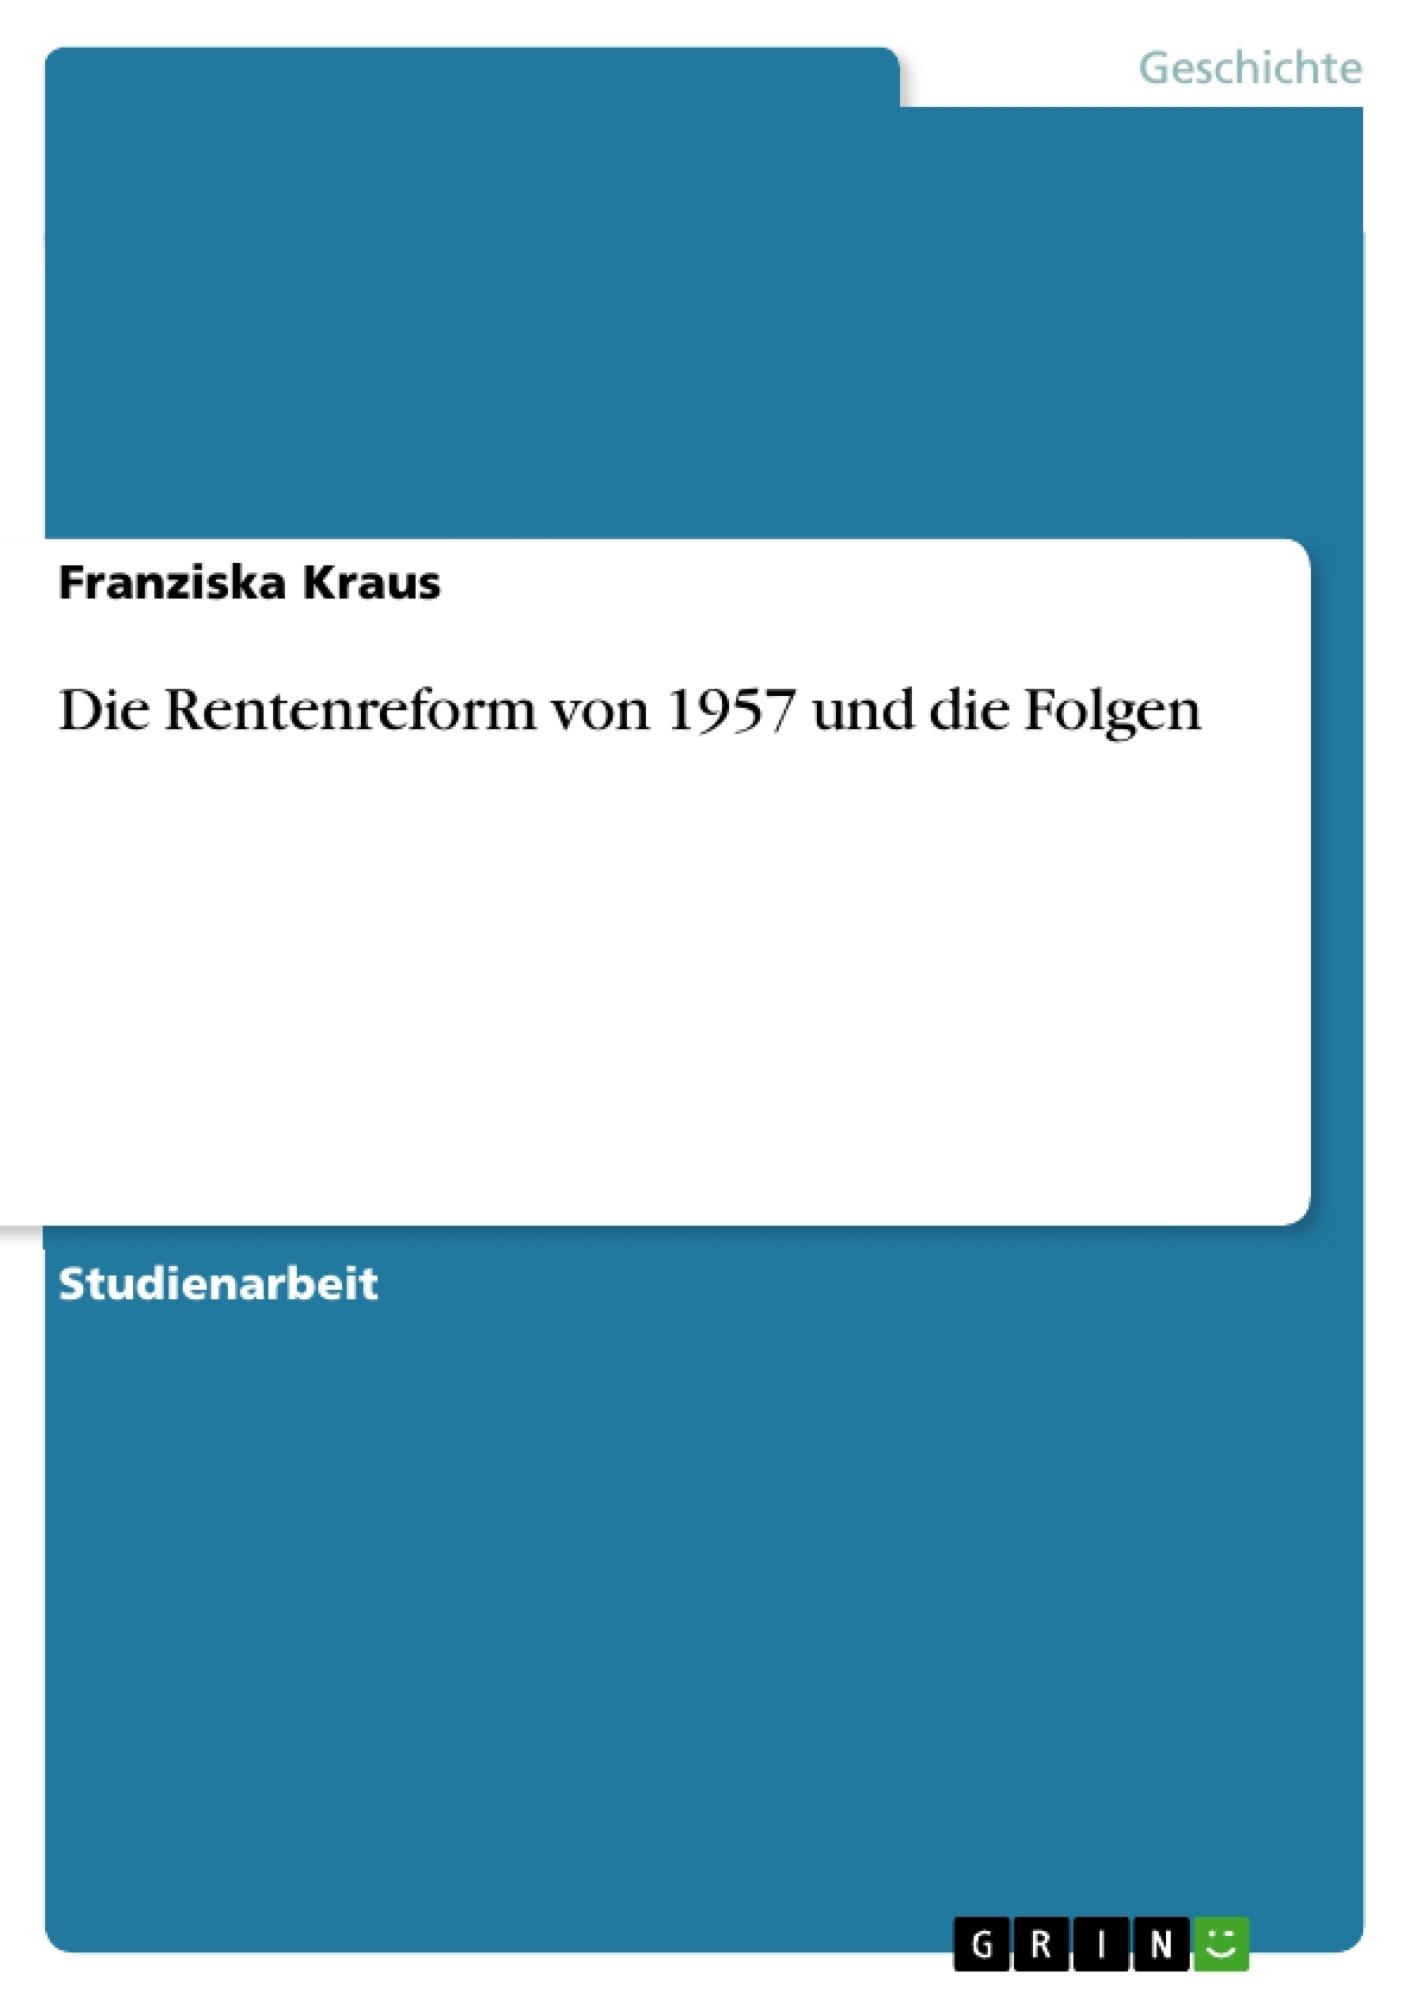 Titel: Die Rentenreform von 1957 und die Folgen